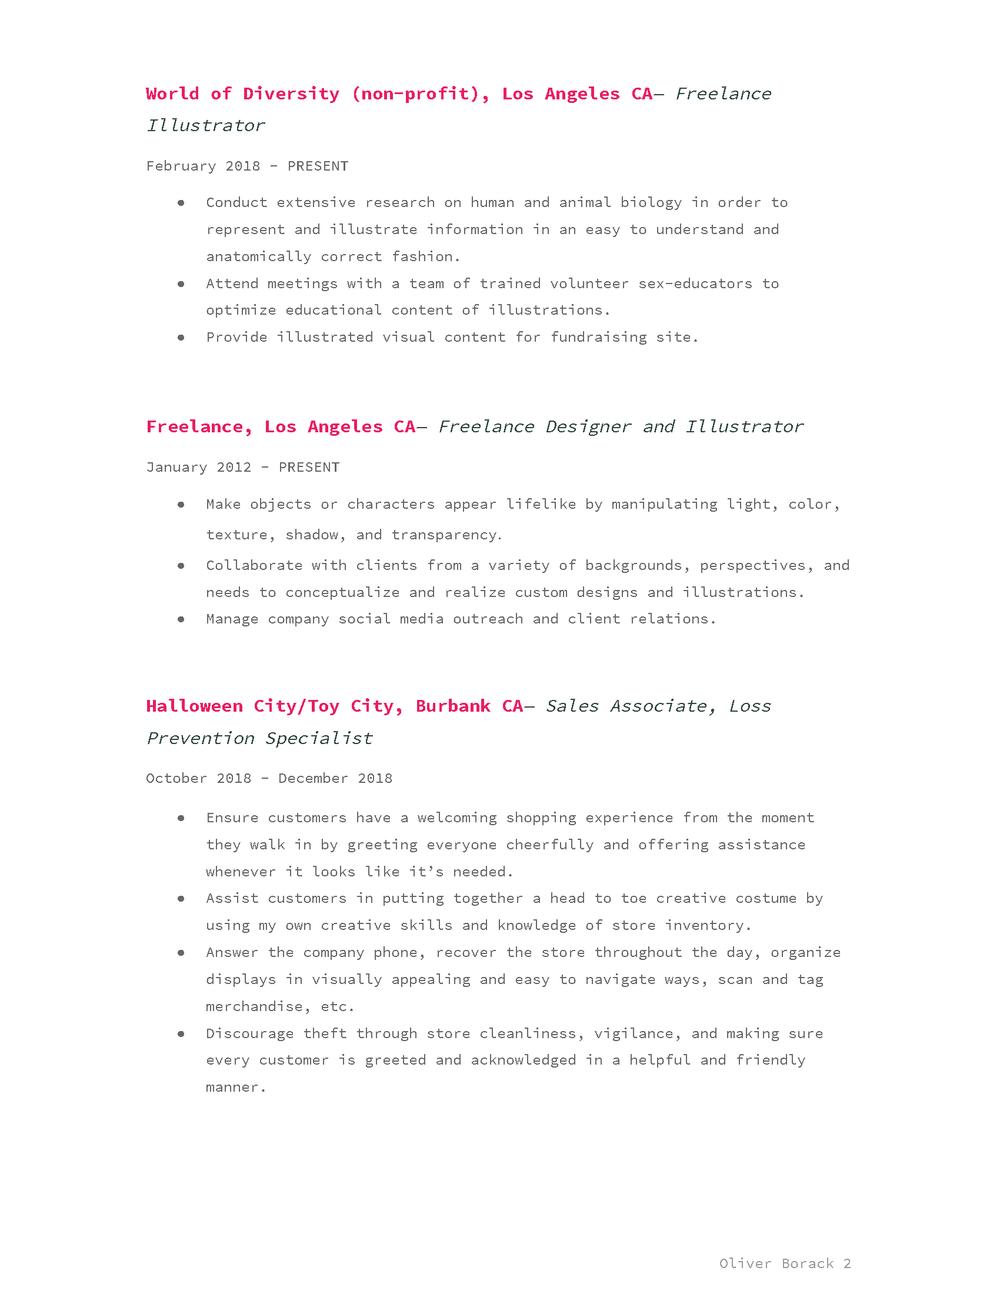 Oliver_Borack_Resume_Page_2.png